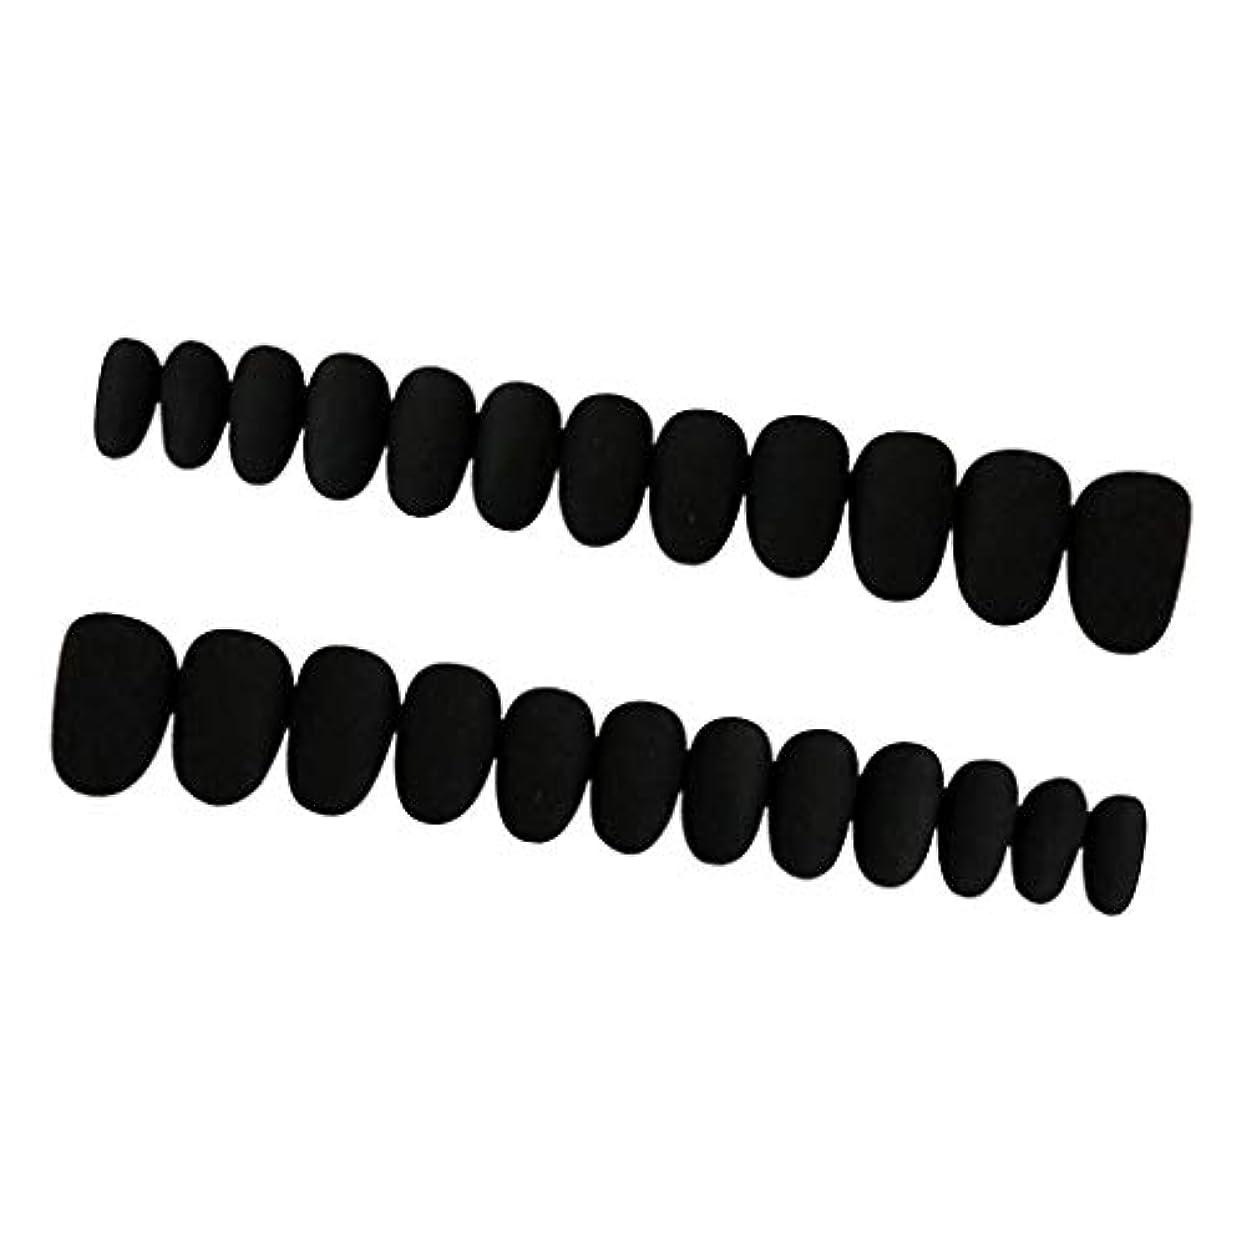 クラッチグローブ航海Perfeclan 約24枚 ネイルシール ネイルアート ネイルラップ ネイルステッカー 貼るだけ ネイル装飾 全3色 - ブラック